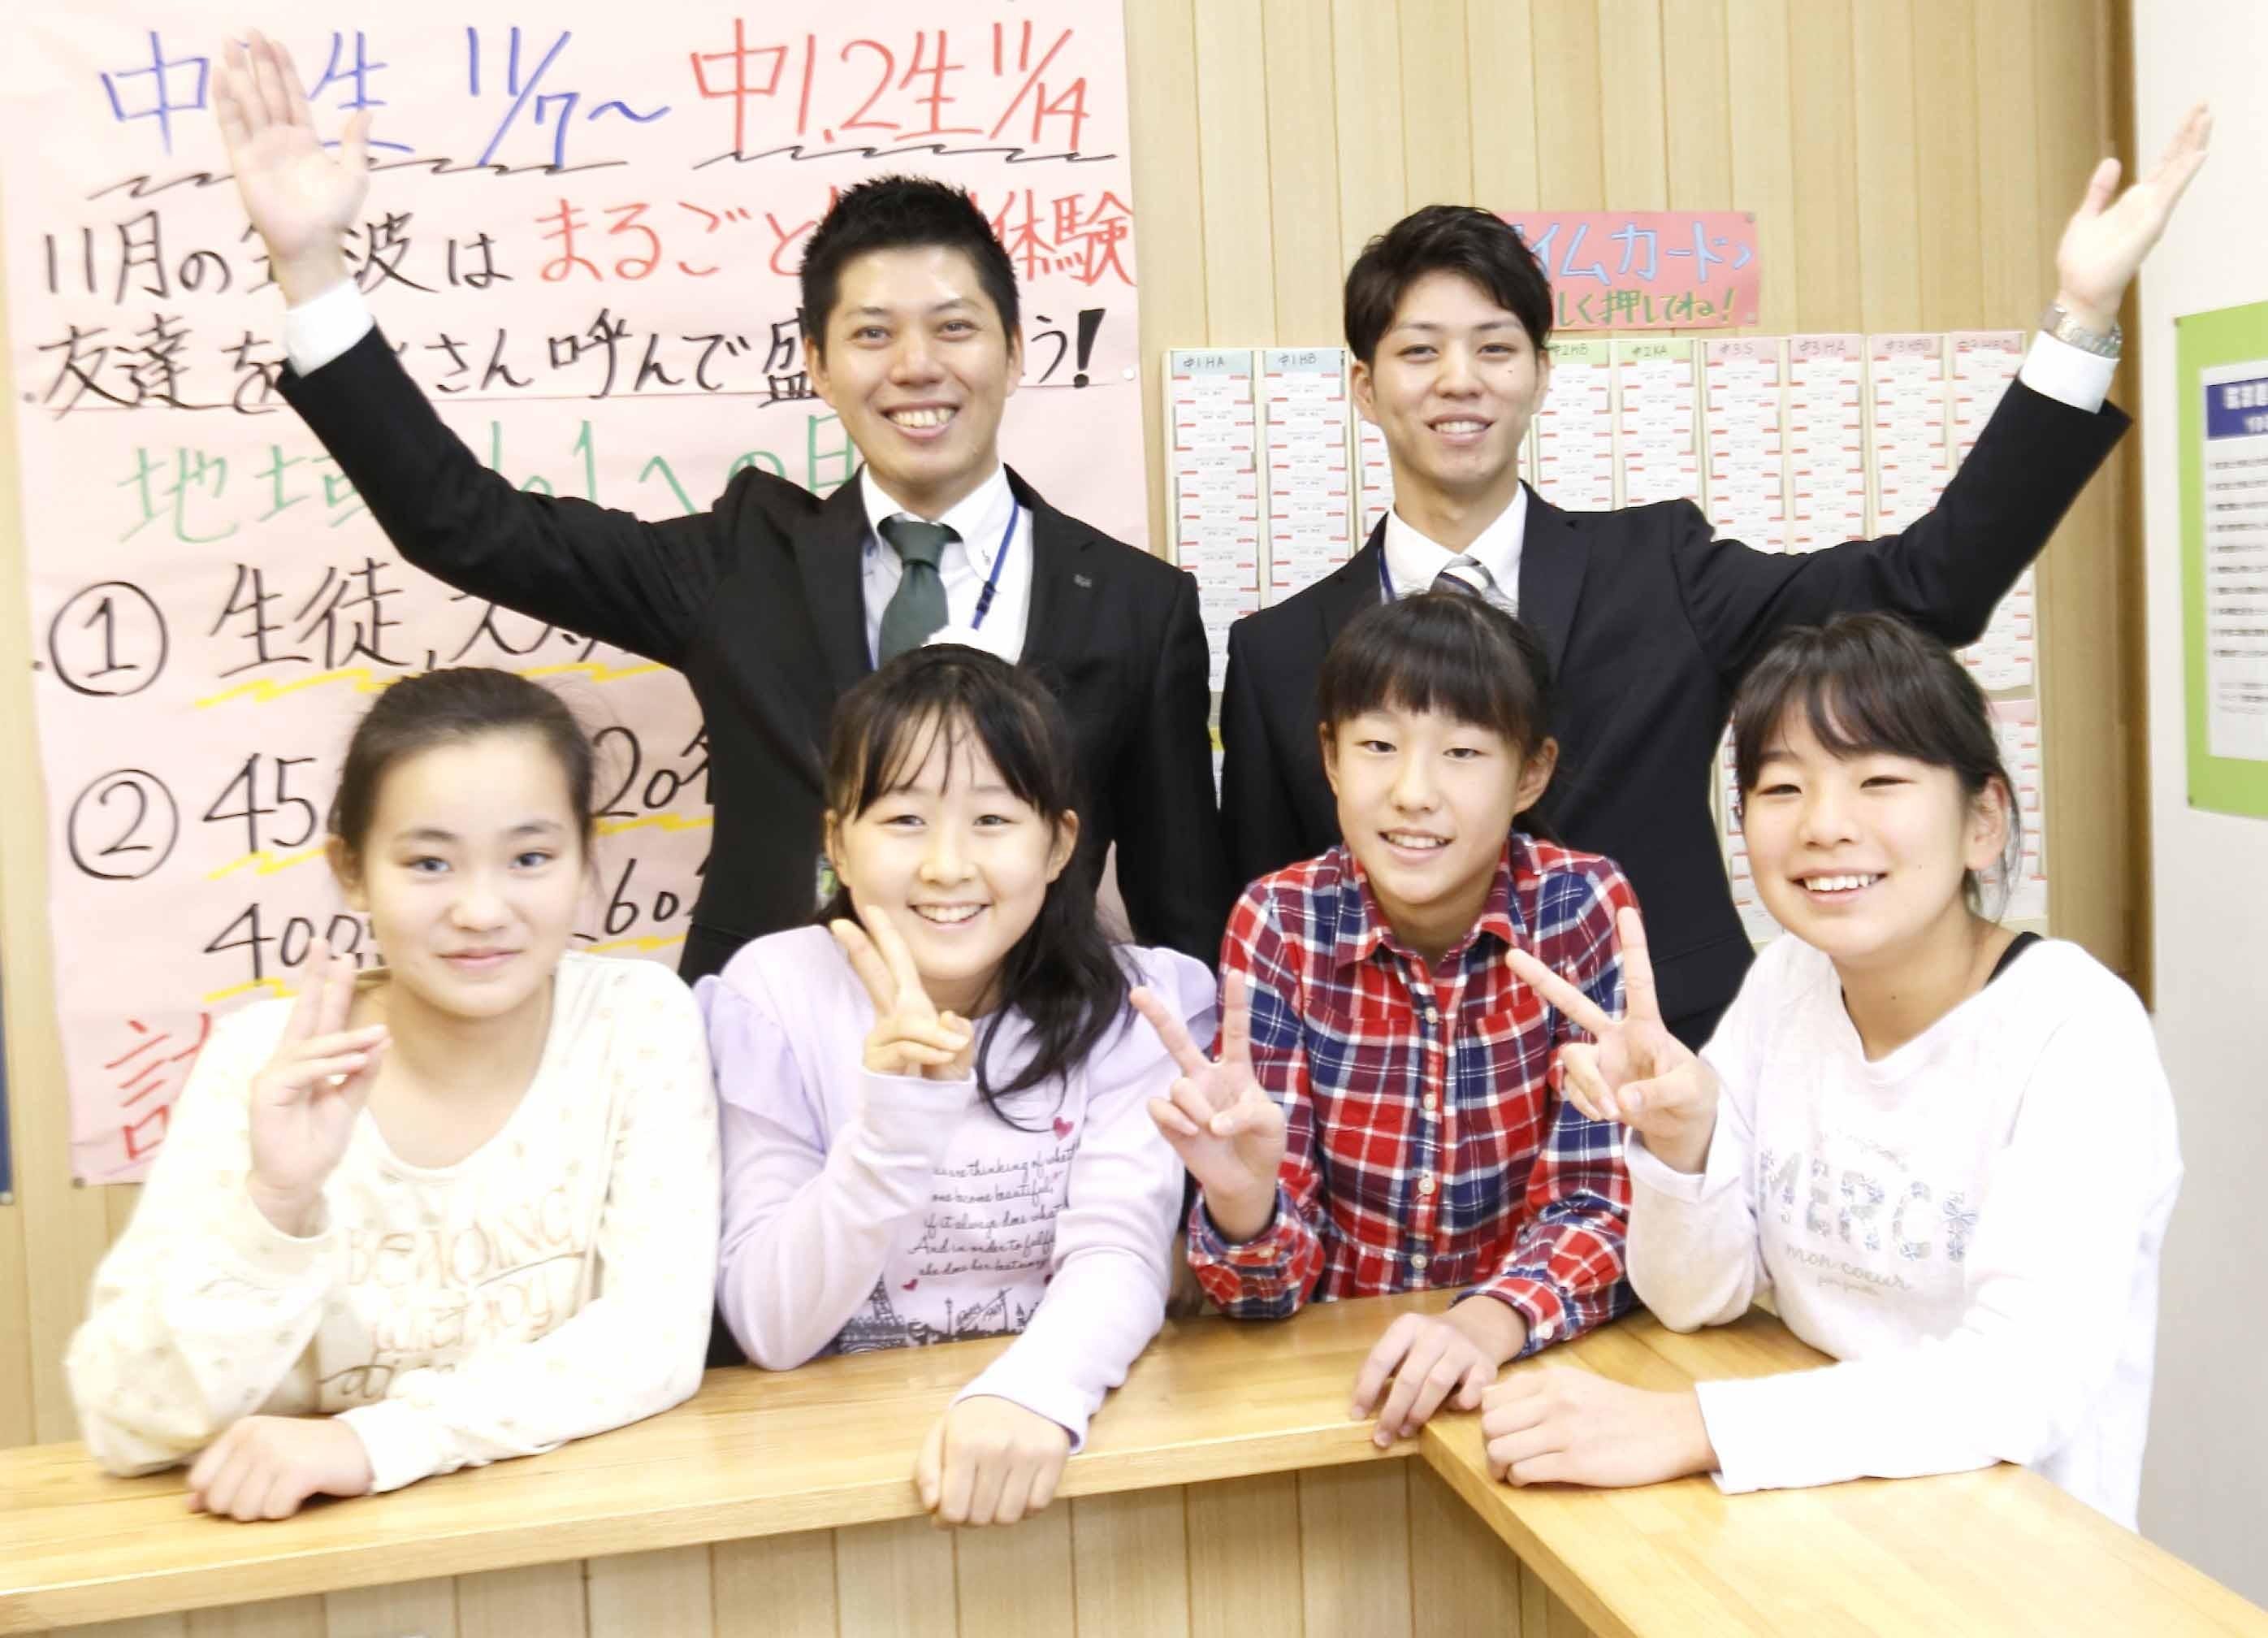 筑波進研スクール 東越谷教室のアルバイト情報